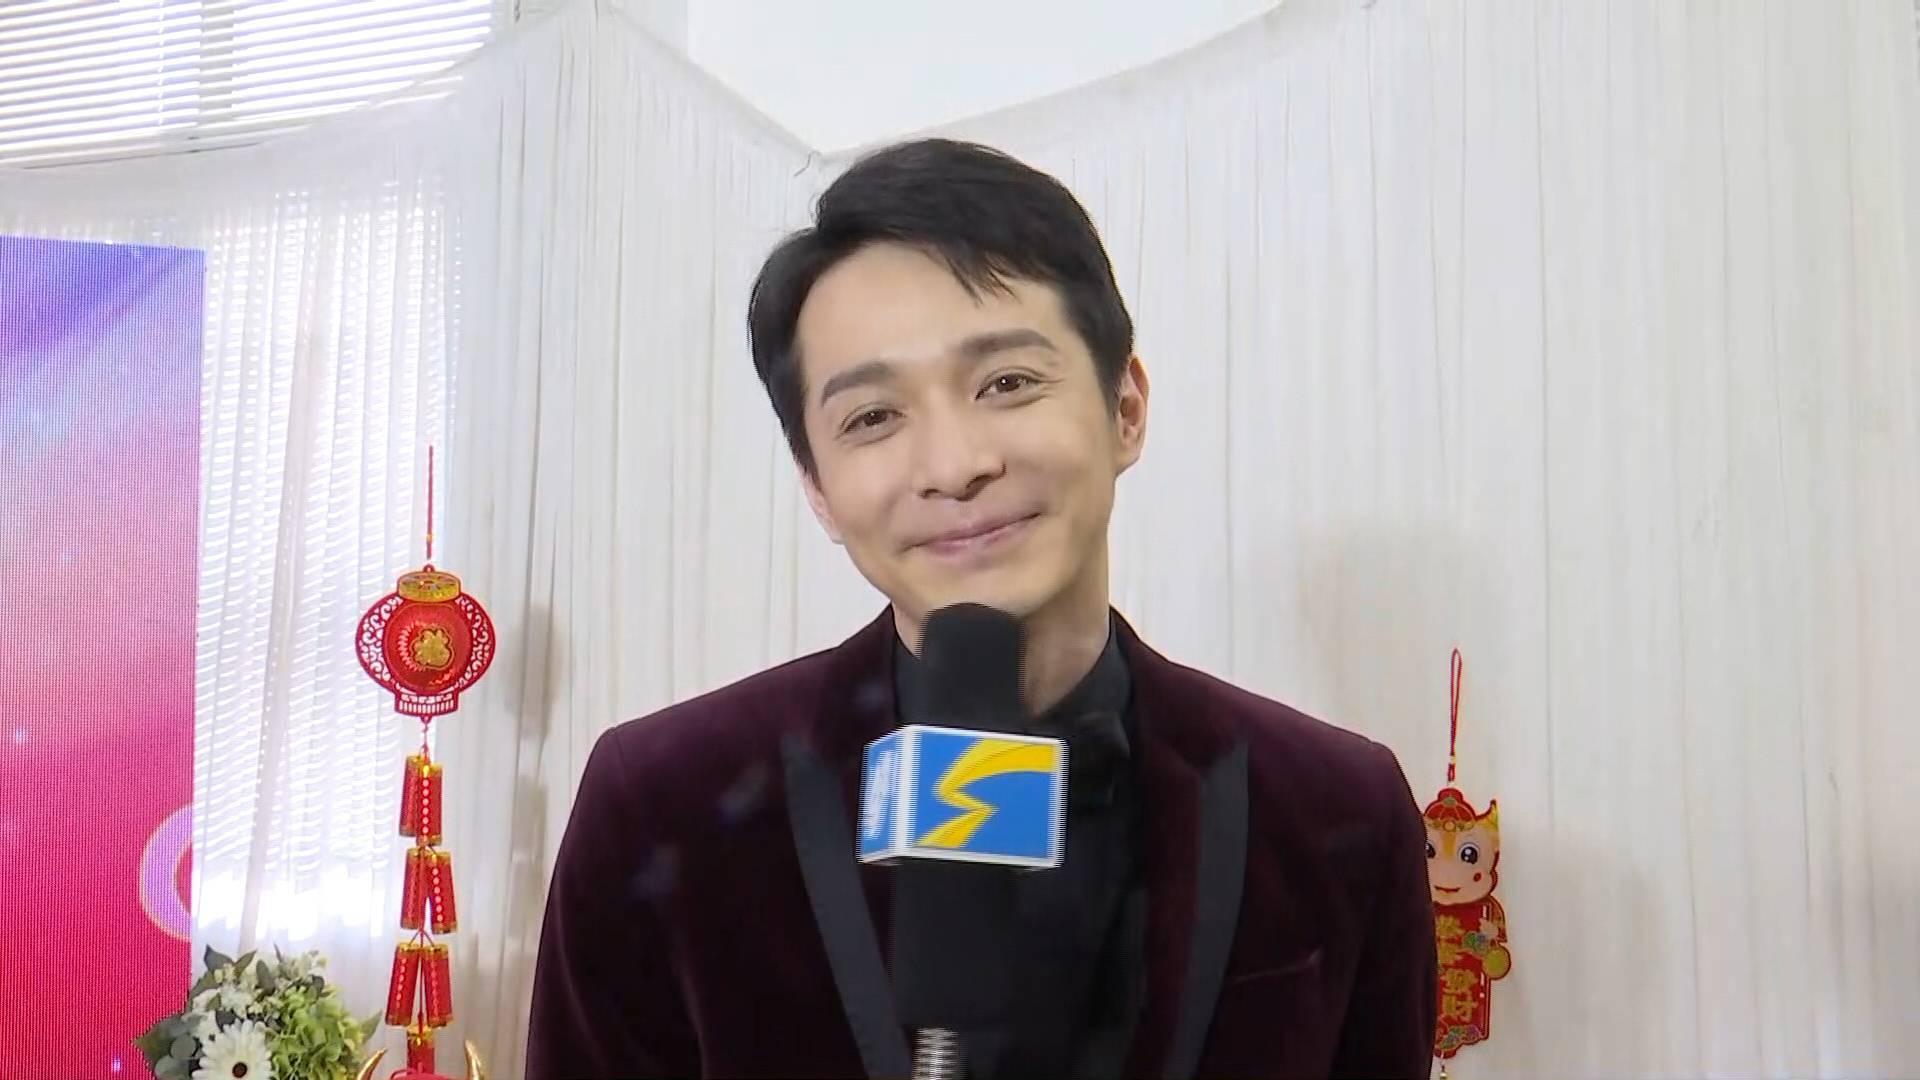 14秒丨山东广播电视台新闻频道上线 演员刘智扬送上祝福